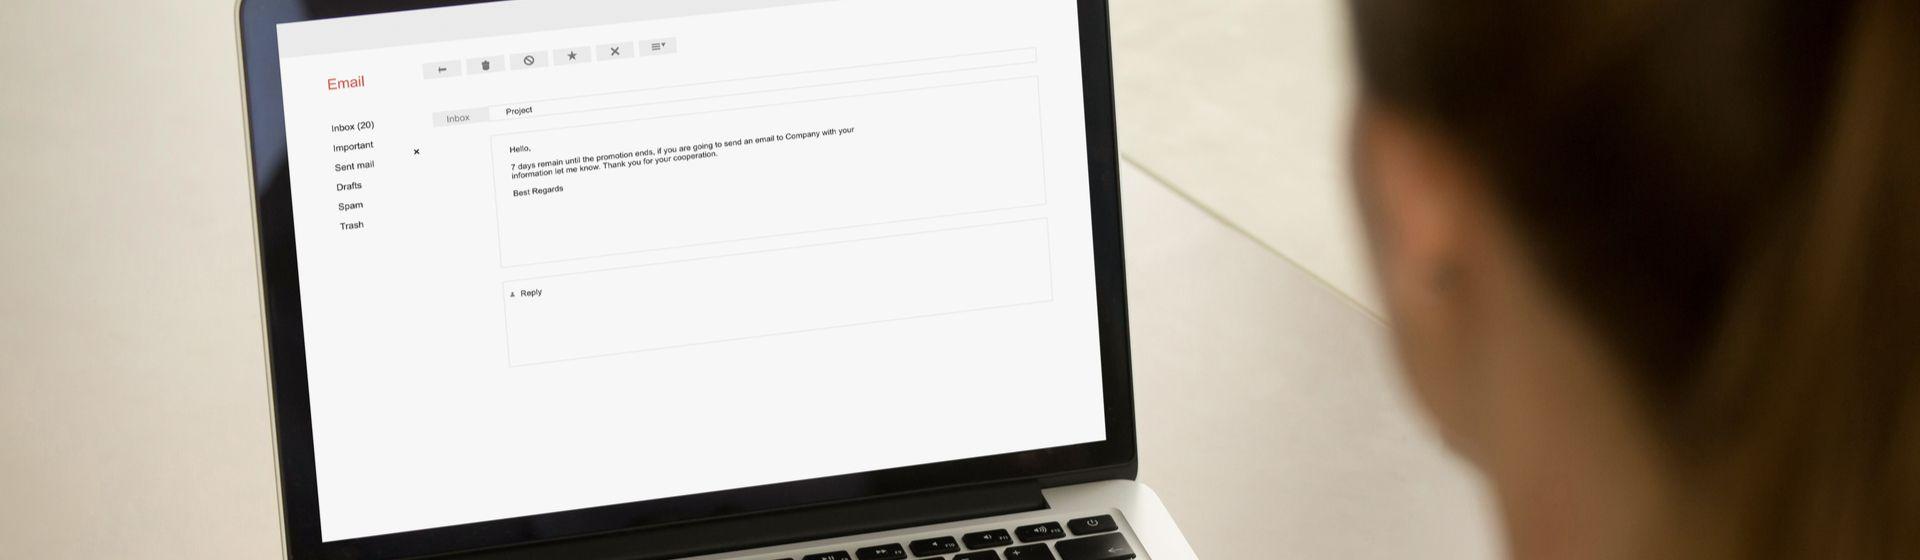 Como enviar e-mail? Aprenda a mandar arquivos, fotos e mais